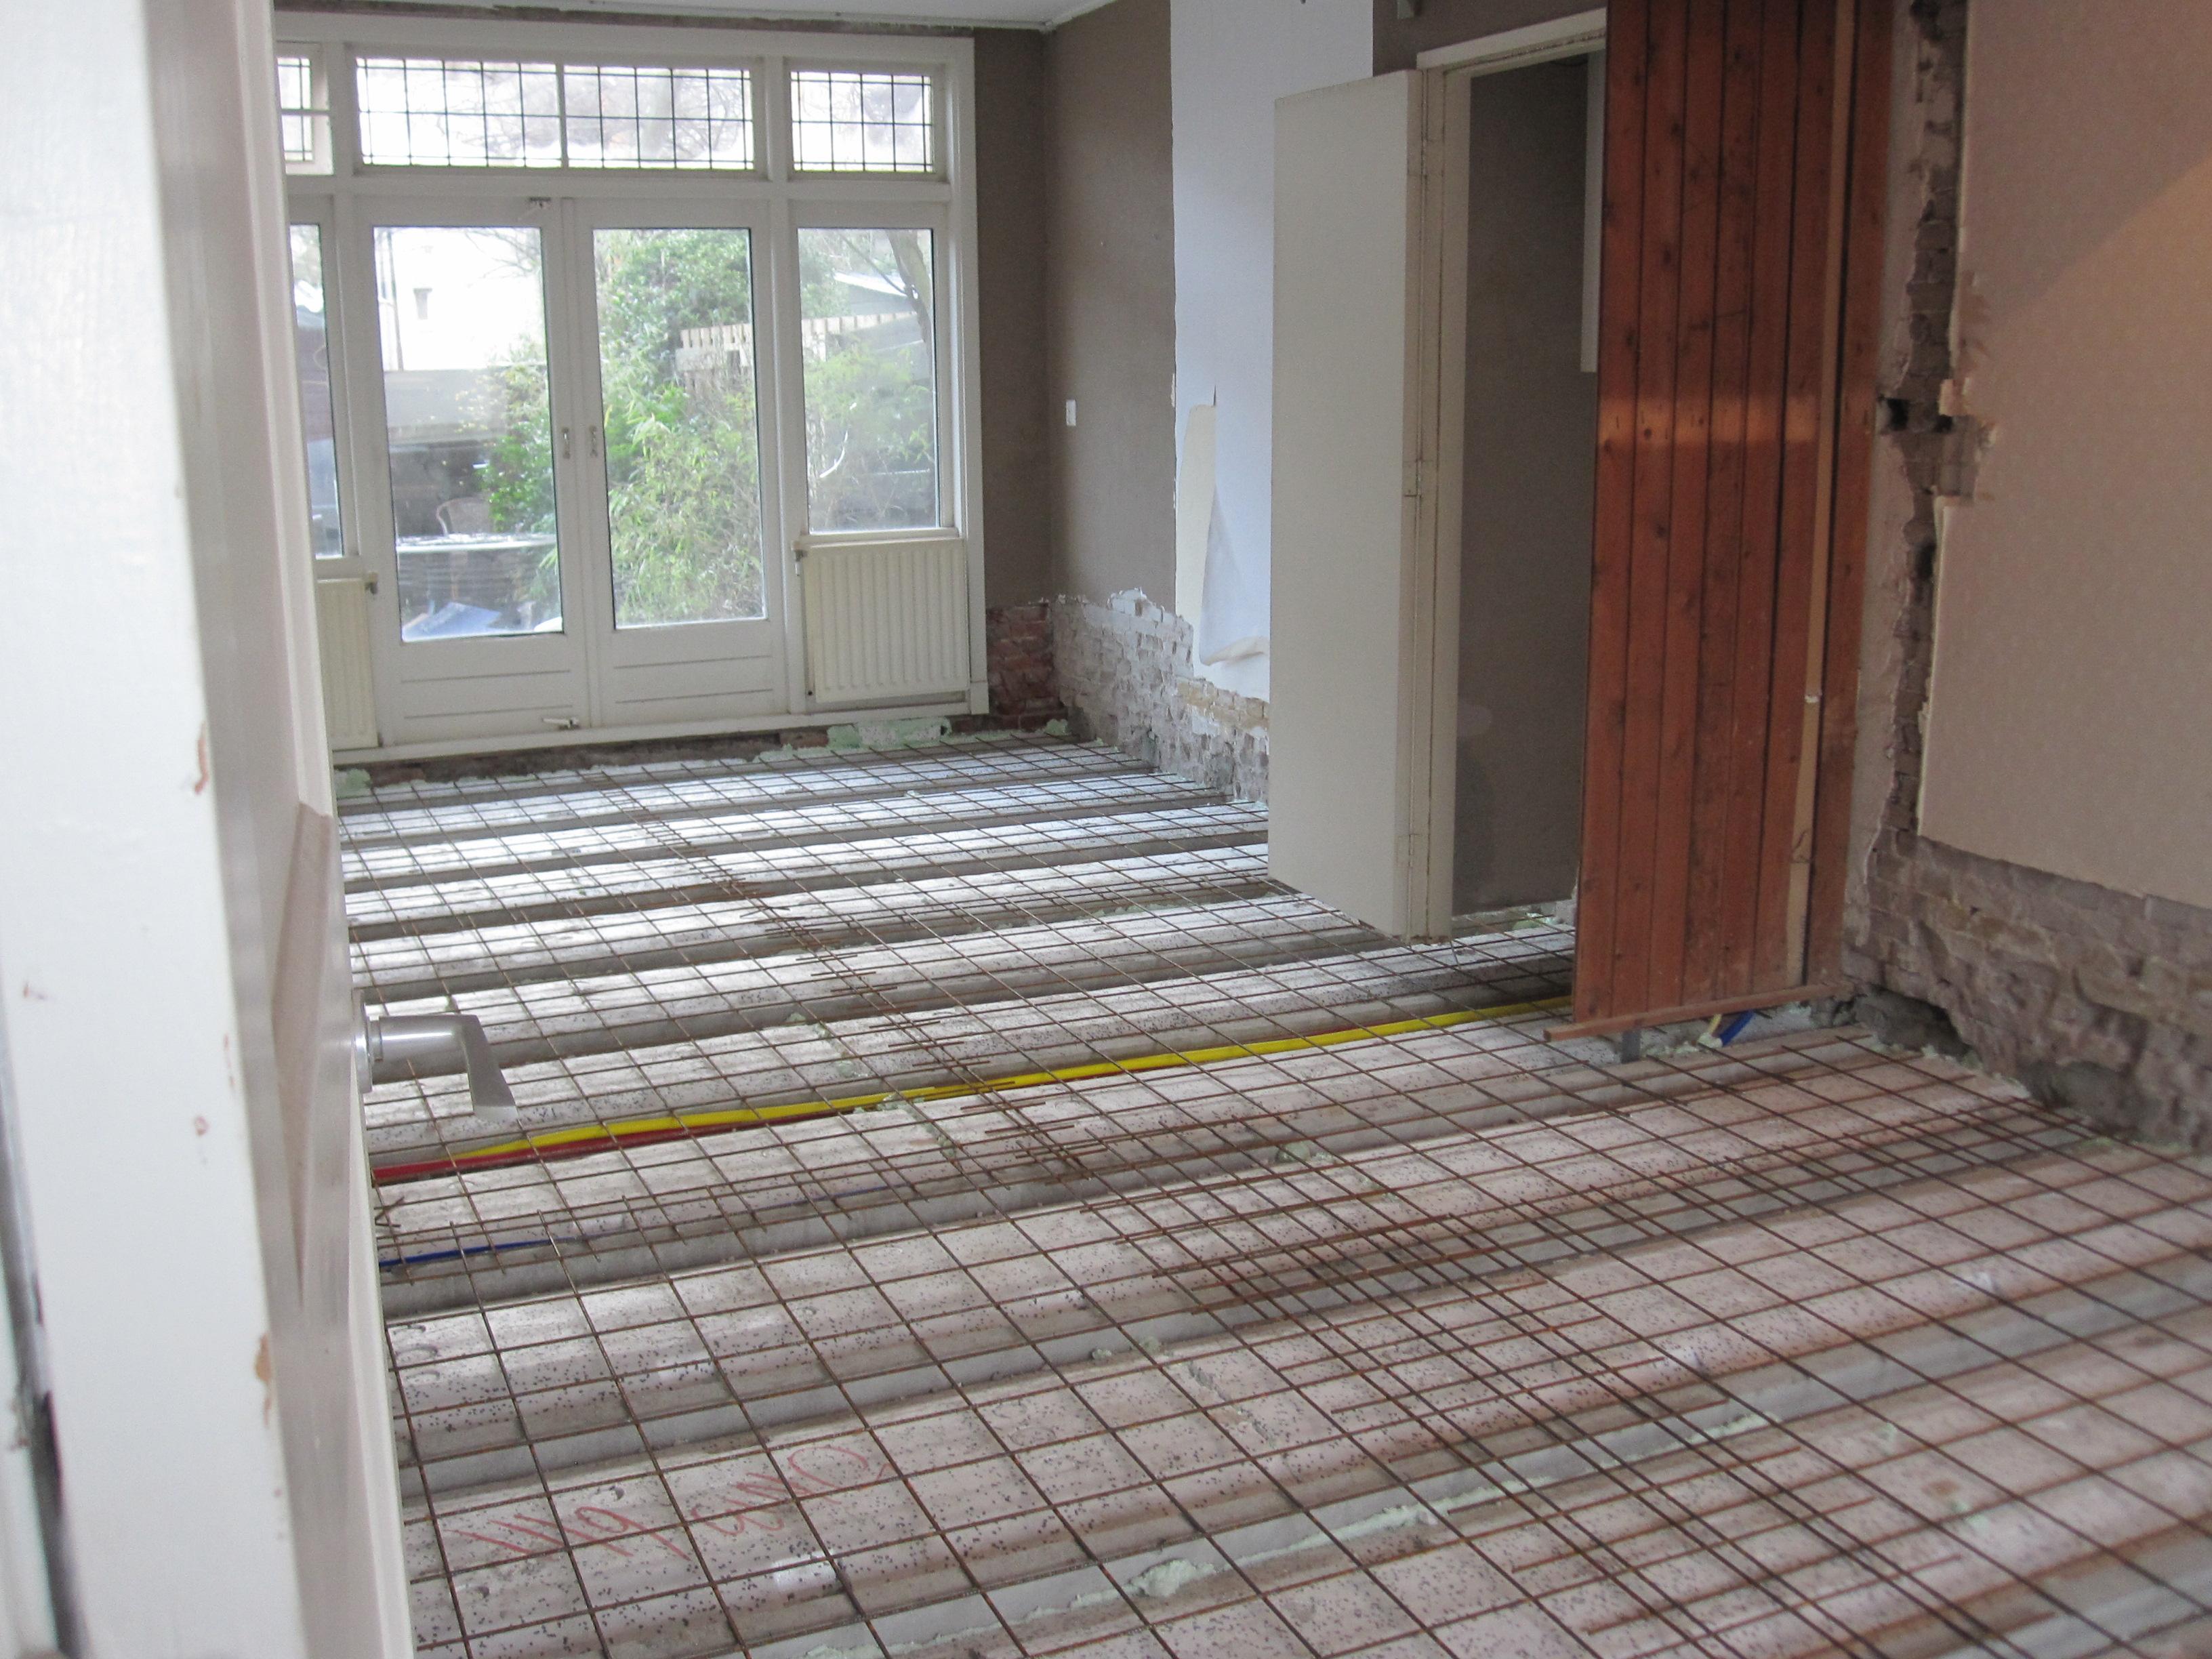 Badkamer Vloer Storten : Betonnen vloer storten storten beton plafond cq vloer residencia